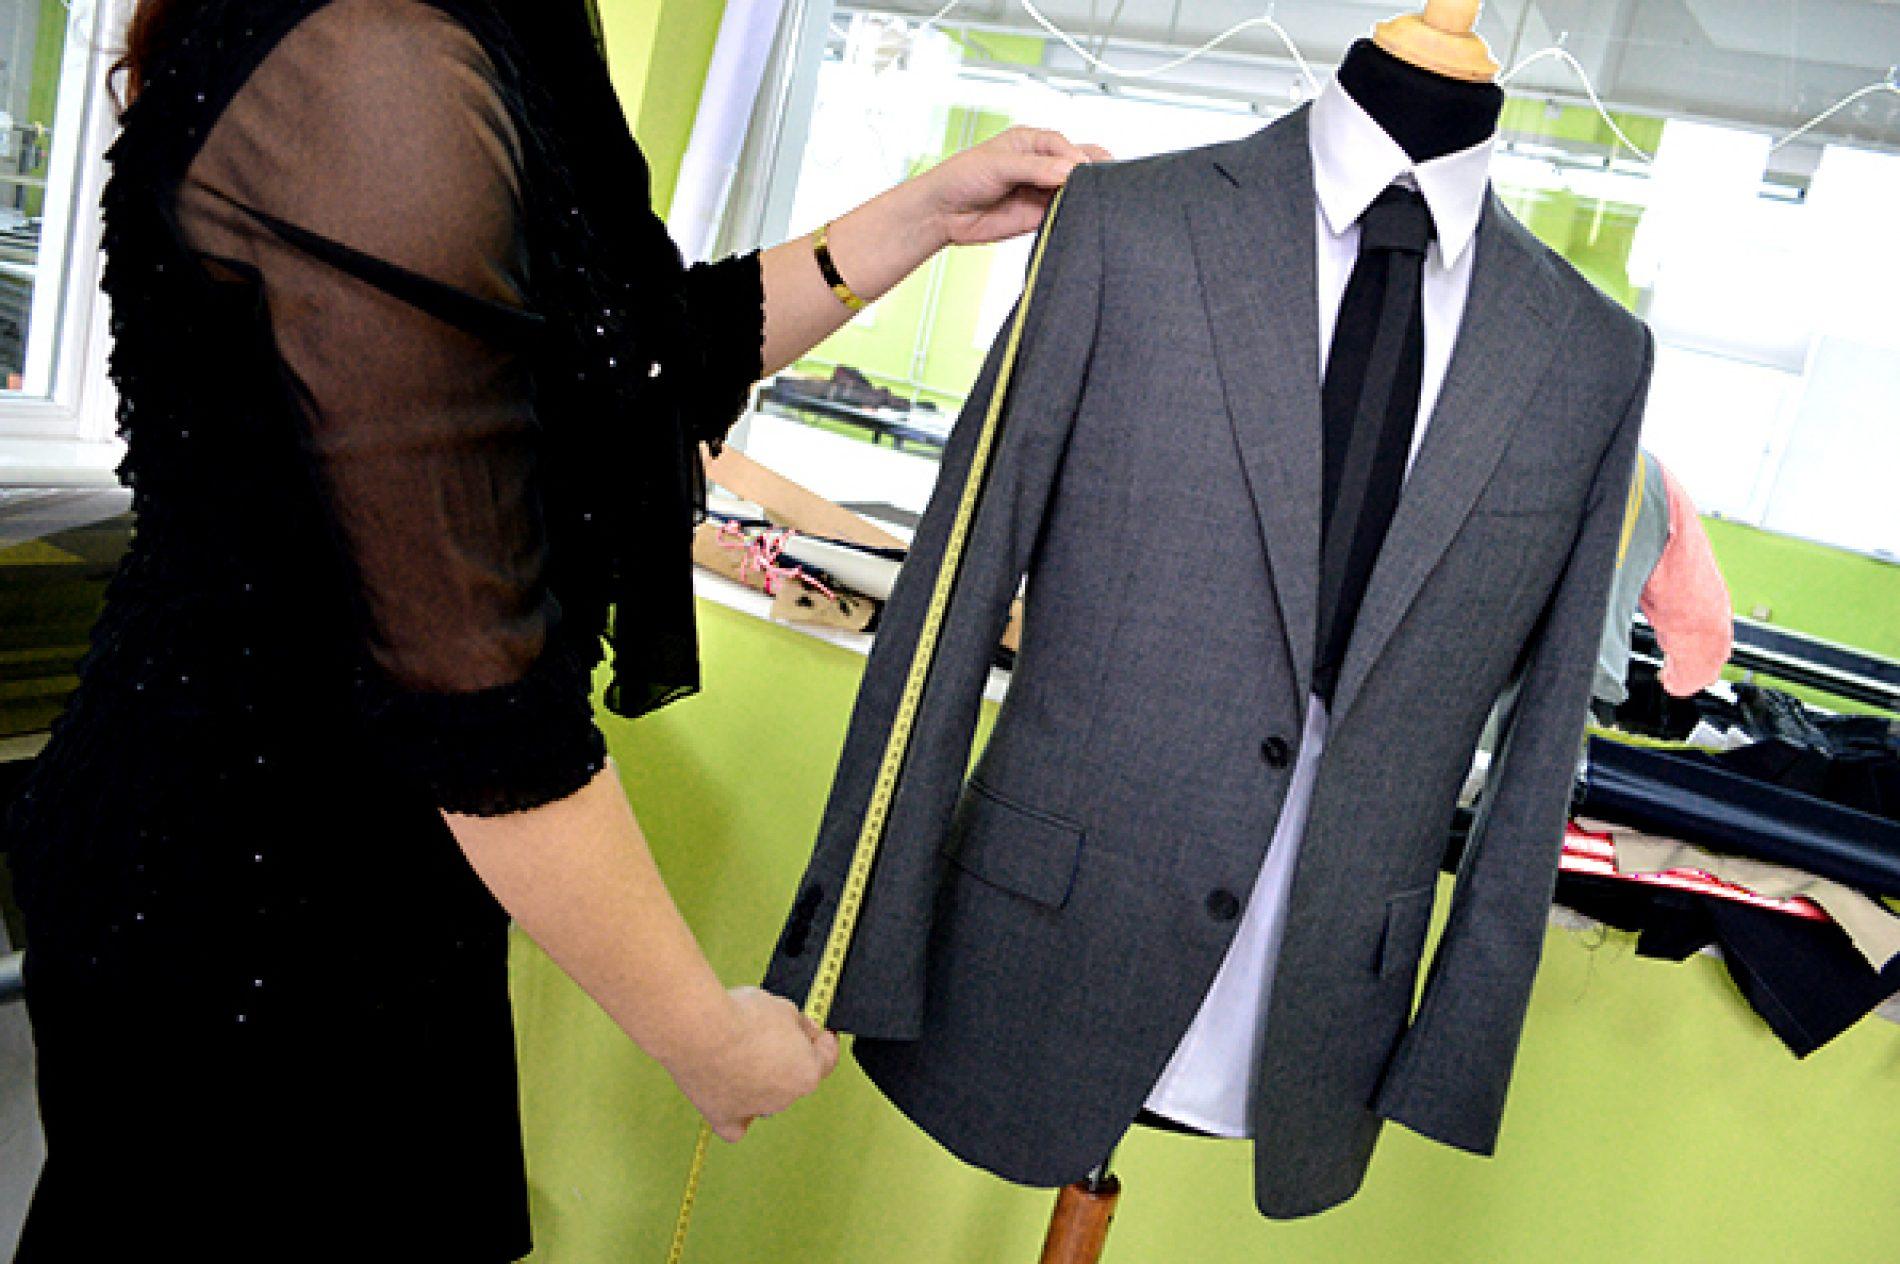 Bosanska industrija proizvodnje odjeće raste iz godine u godinu